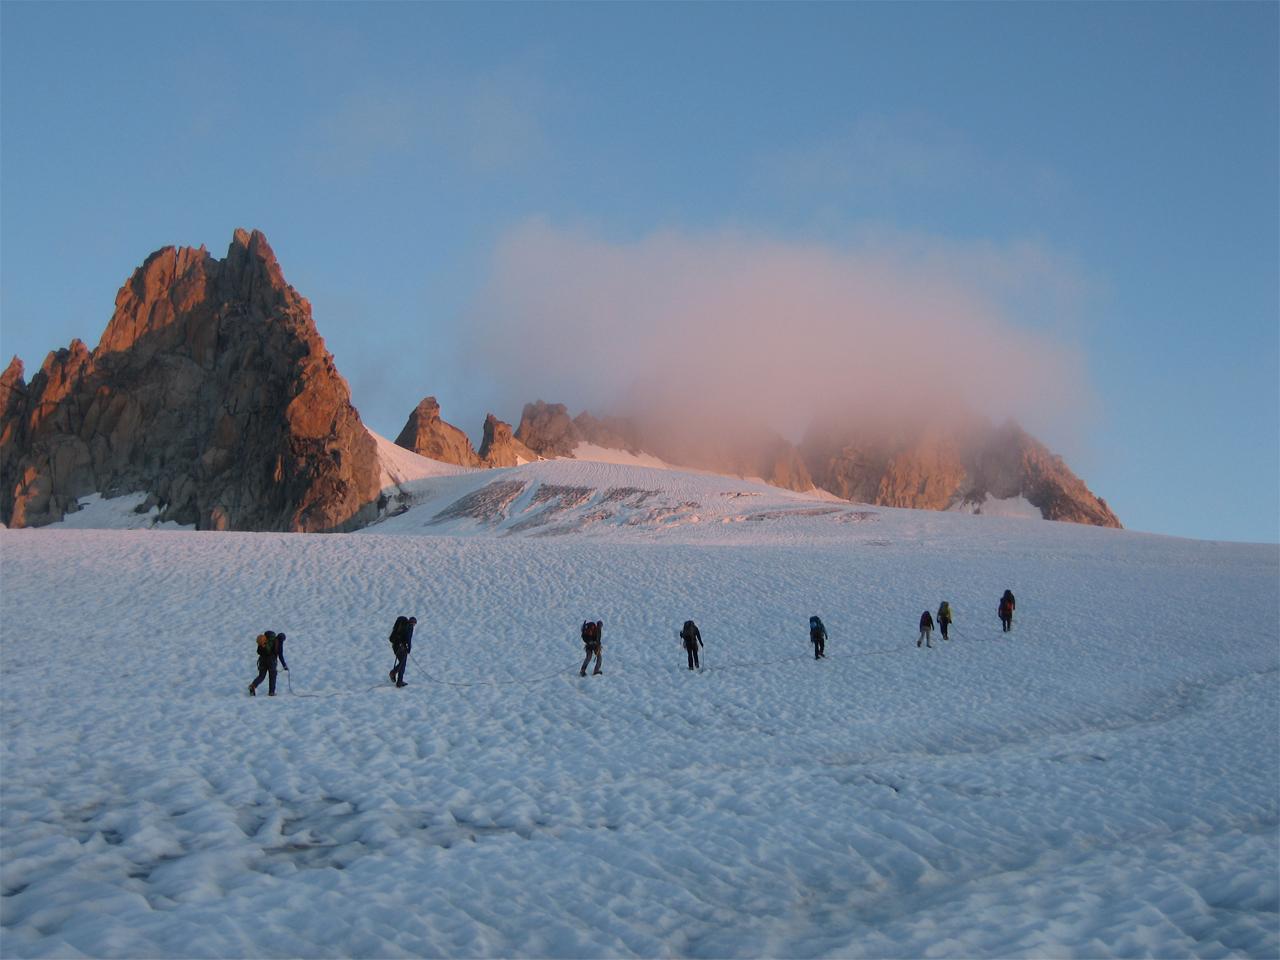 Activiteiten - Alpinisme Trient touwgroep